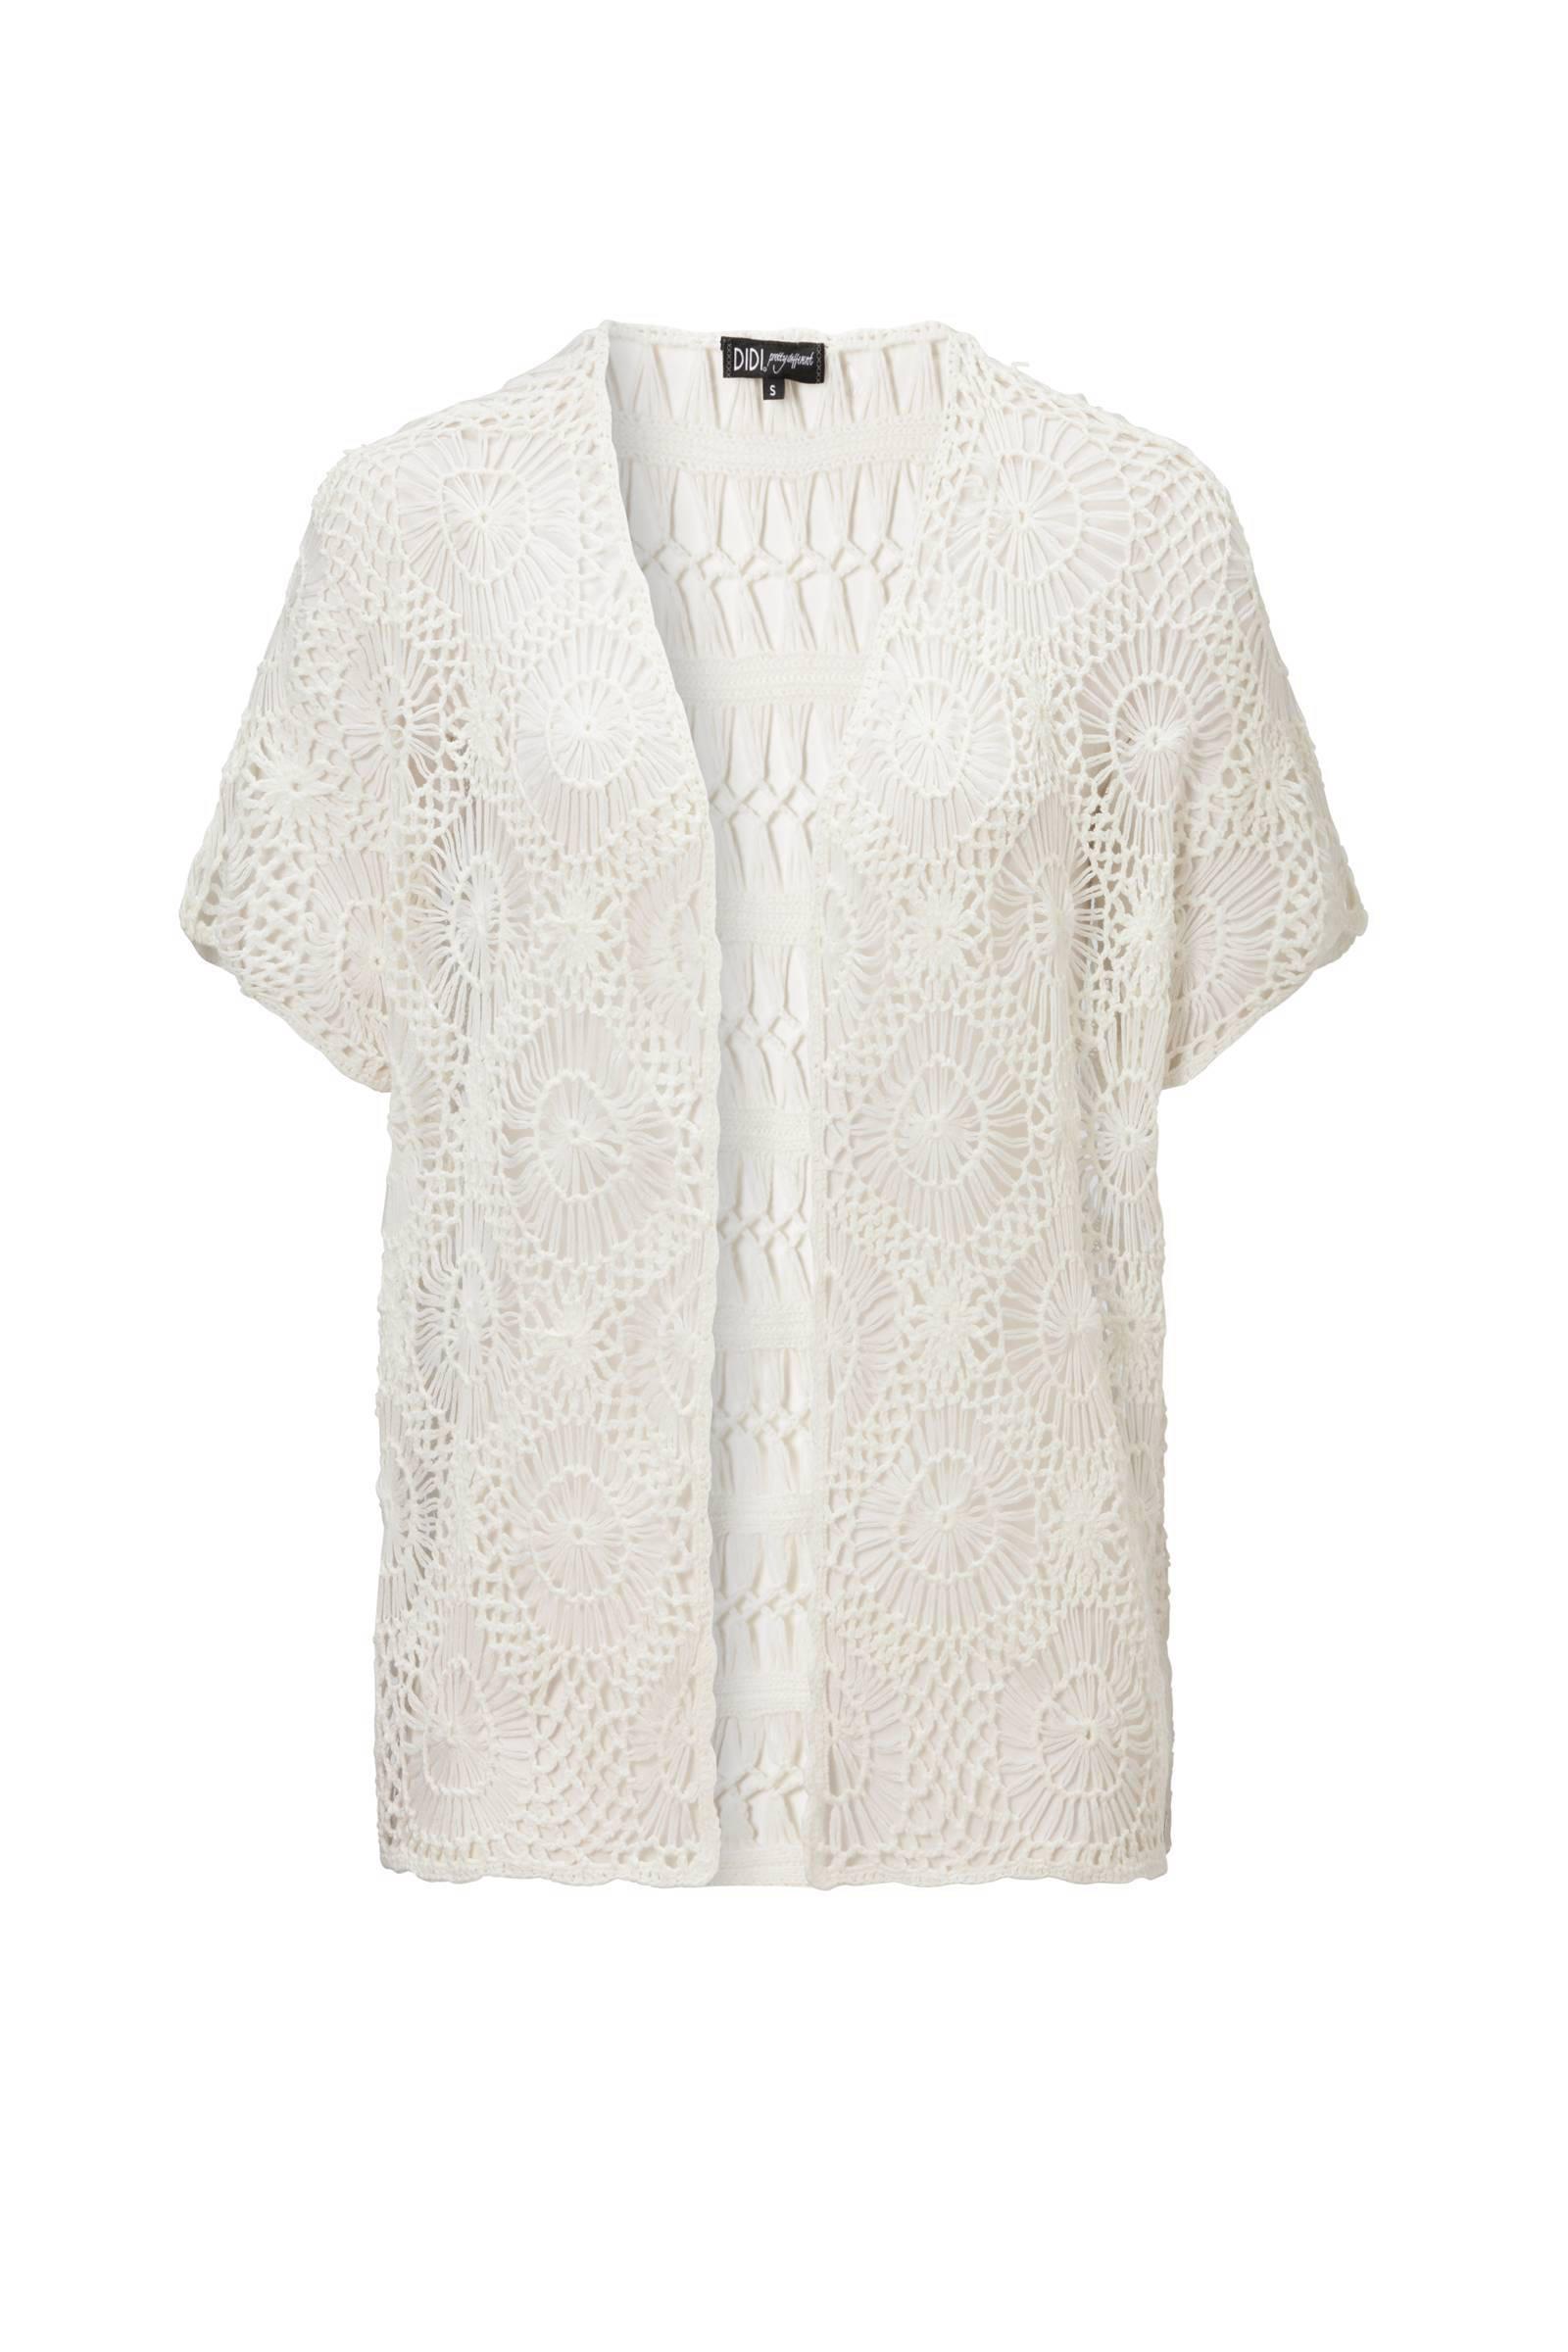 Genoeg Didi gehaakt vest | wehkamp #RR23